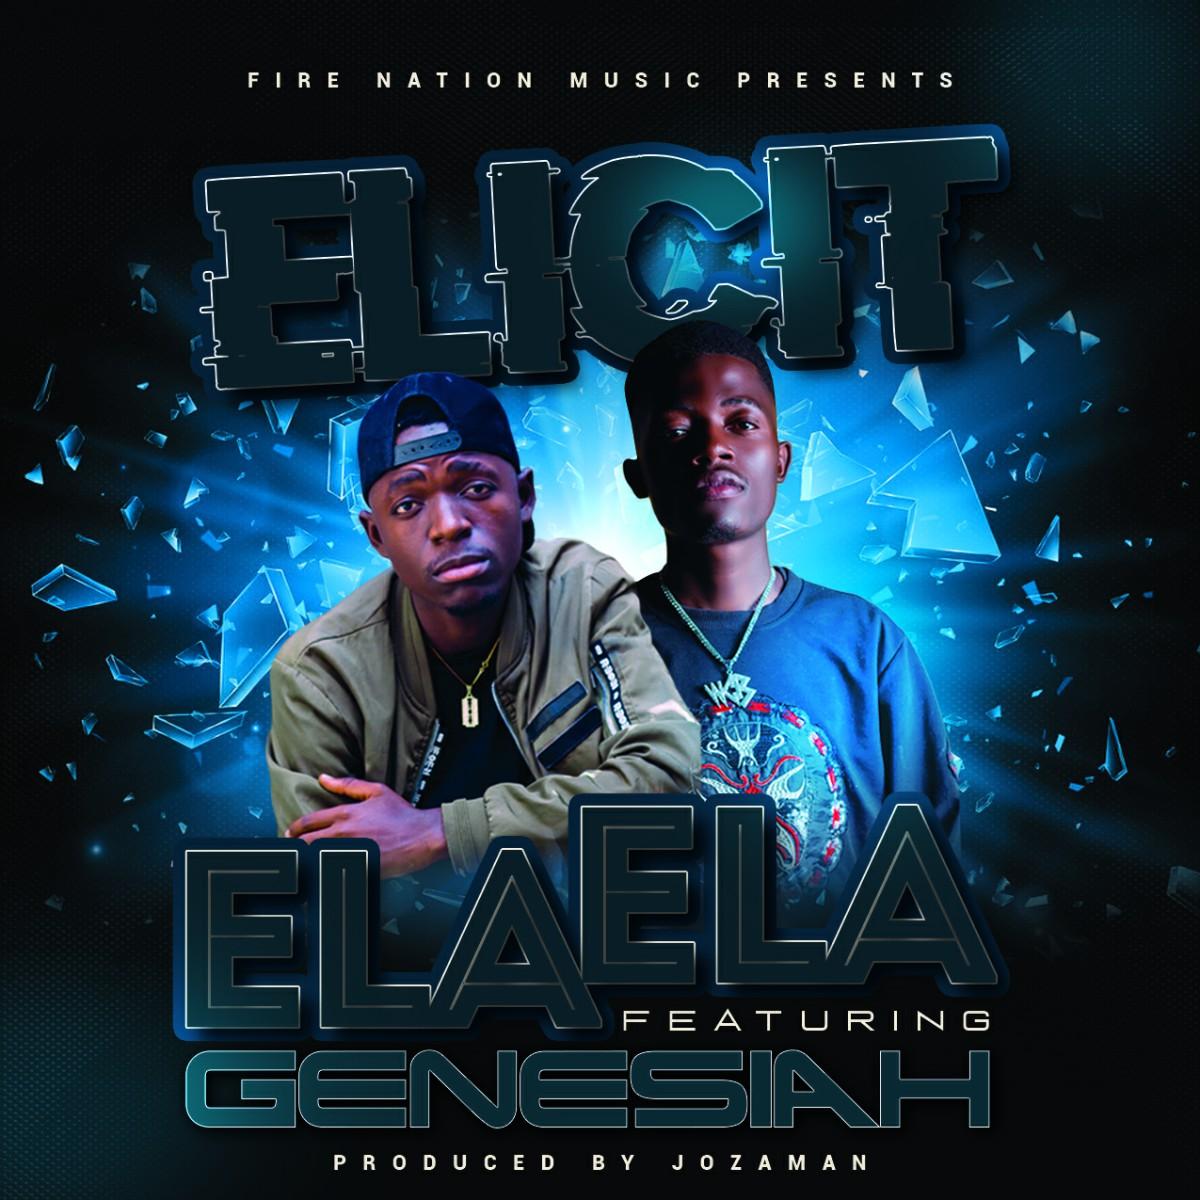 Elicit ft. Genessiah - Ela Ela (Prod. Mujoza)